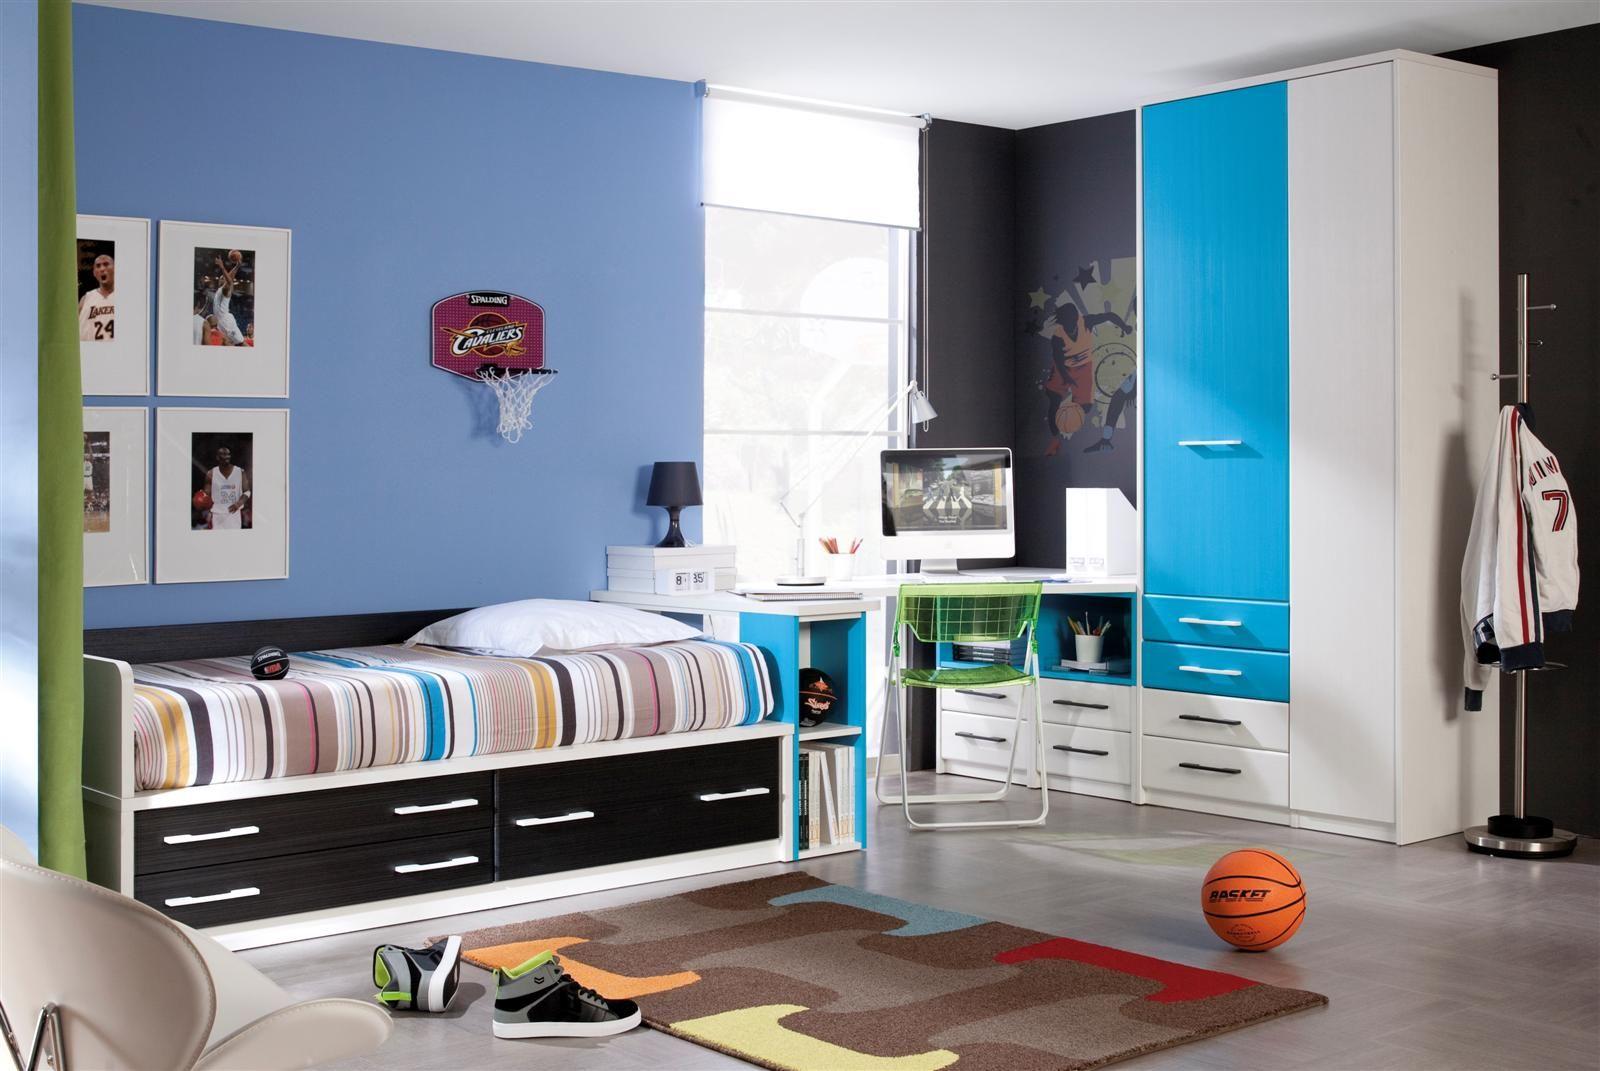 Habitaciones juveniles peque as buscar con google deco decorar habitacion infantil - Decorar habitaciones infantiles pequenas ...